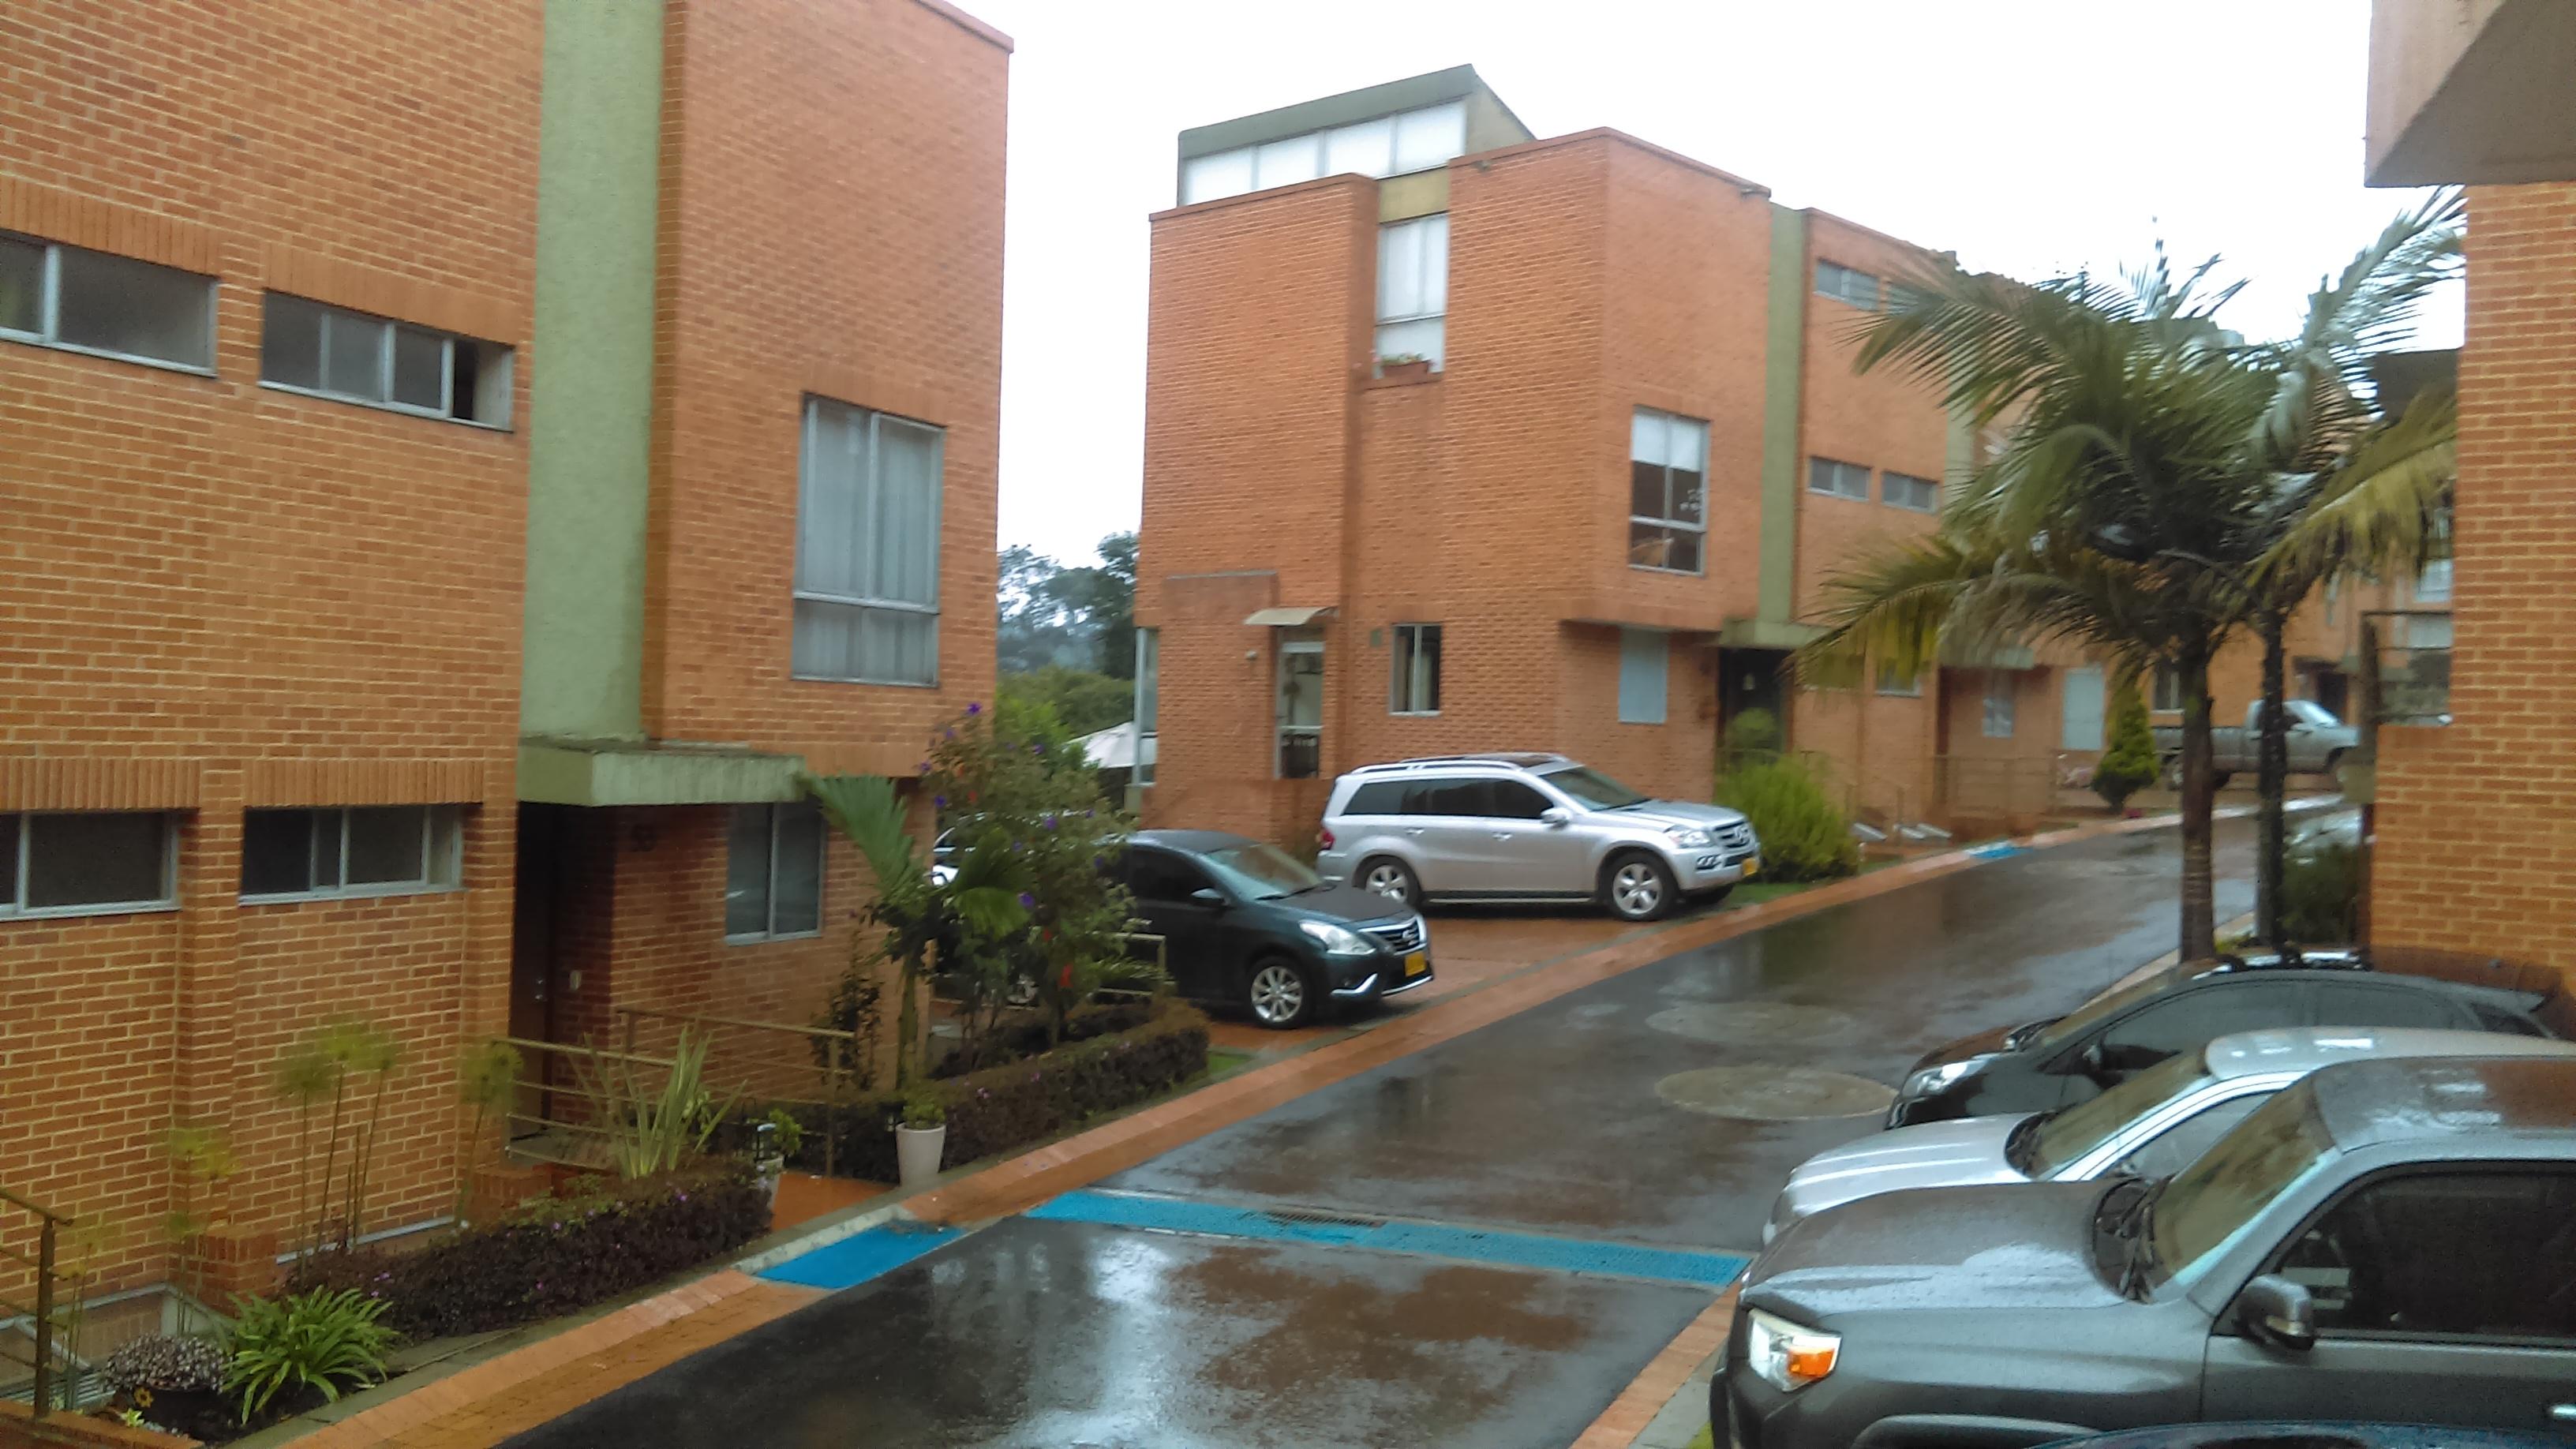 Casa En Arriendo En Suba Bogot Goplaceit # Muebles Suba Bogota